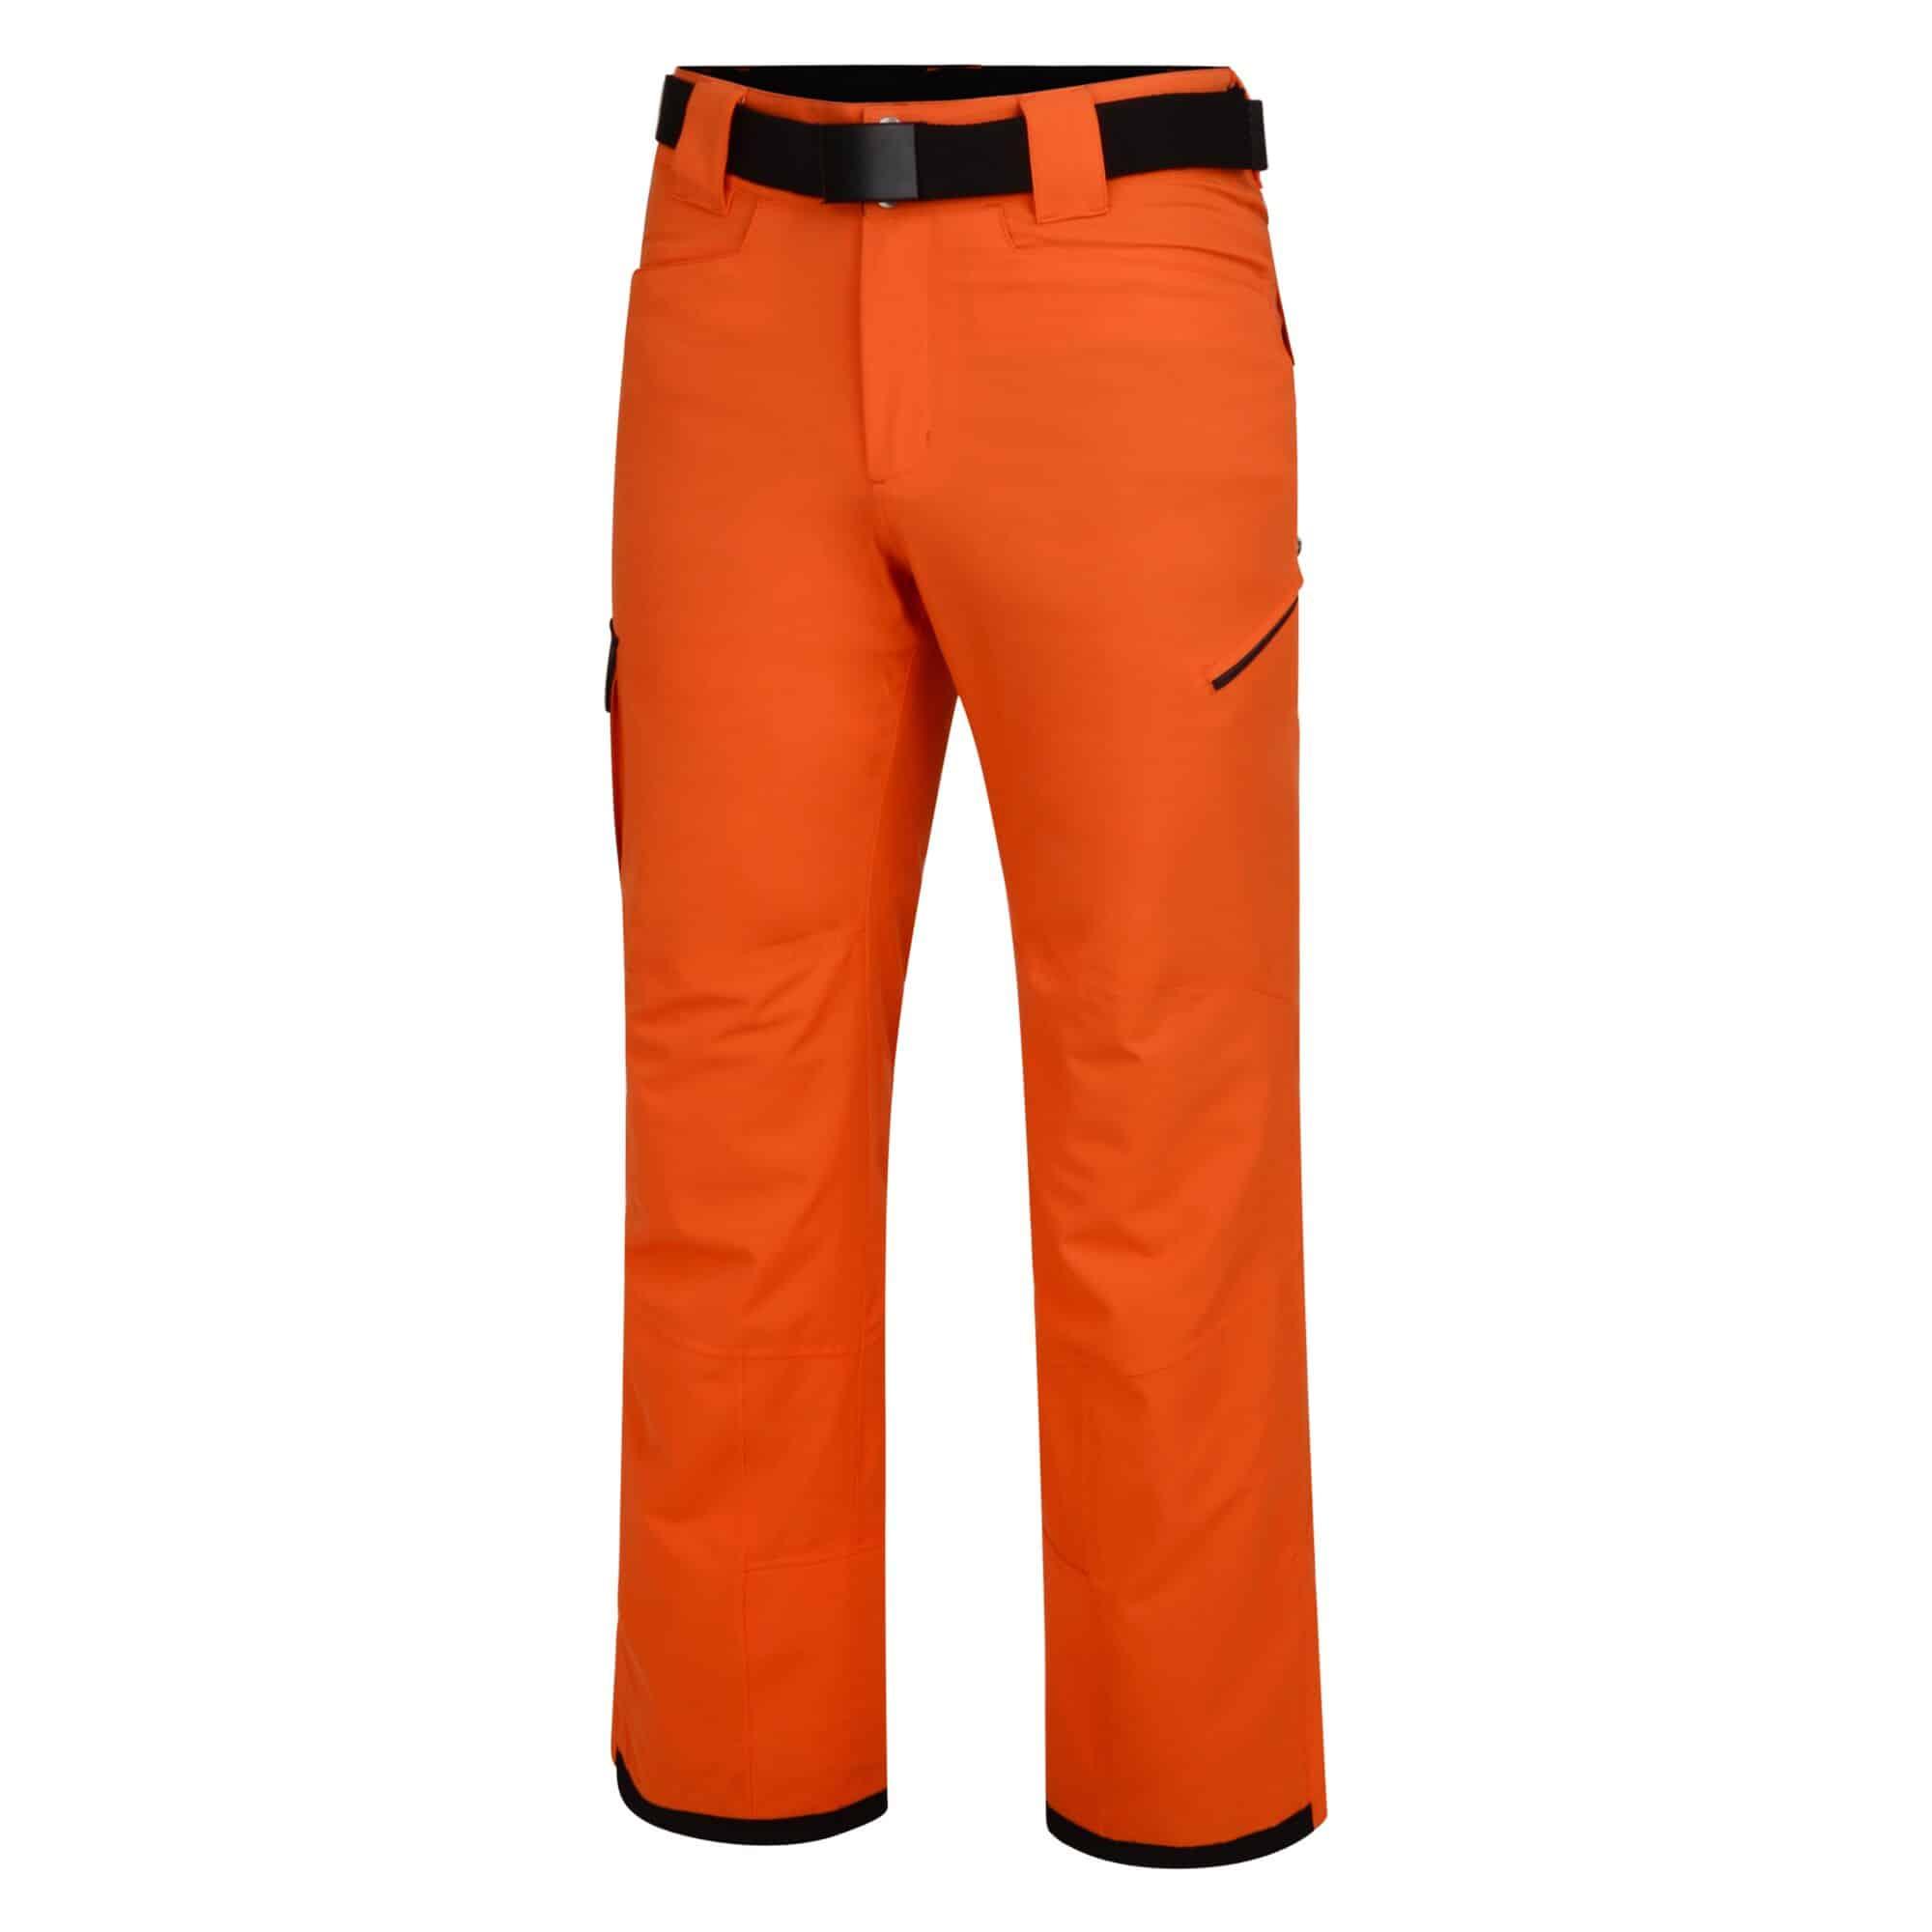 absolute orange side dmw462 4L7